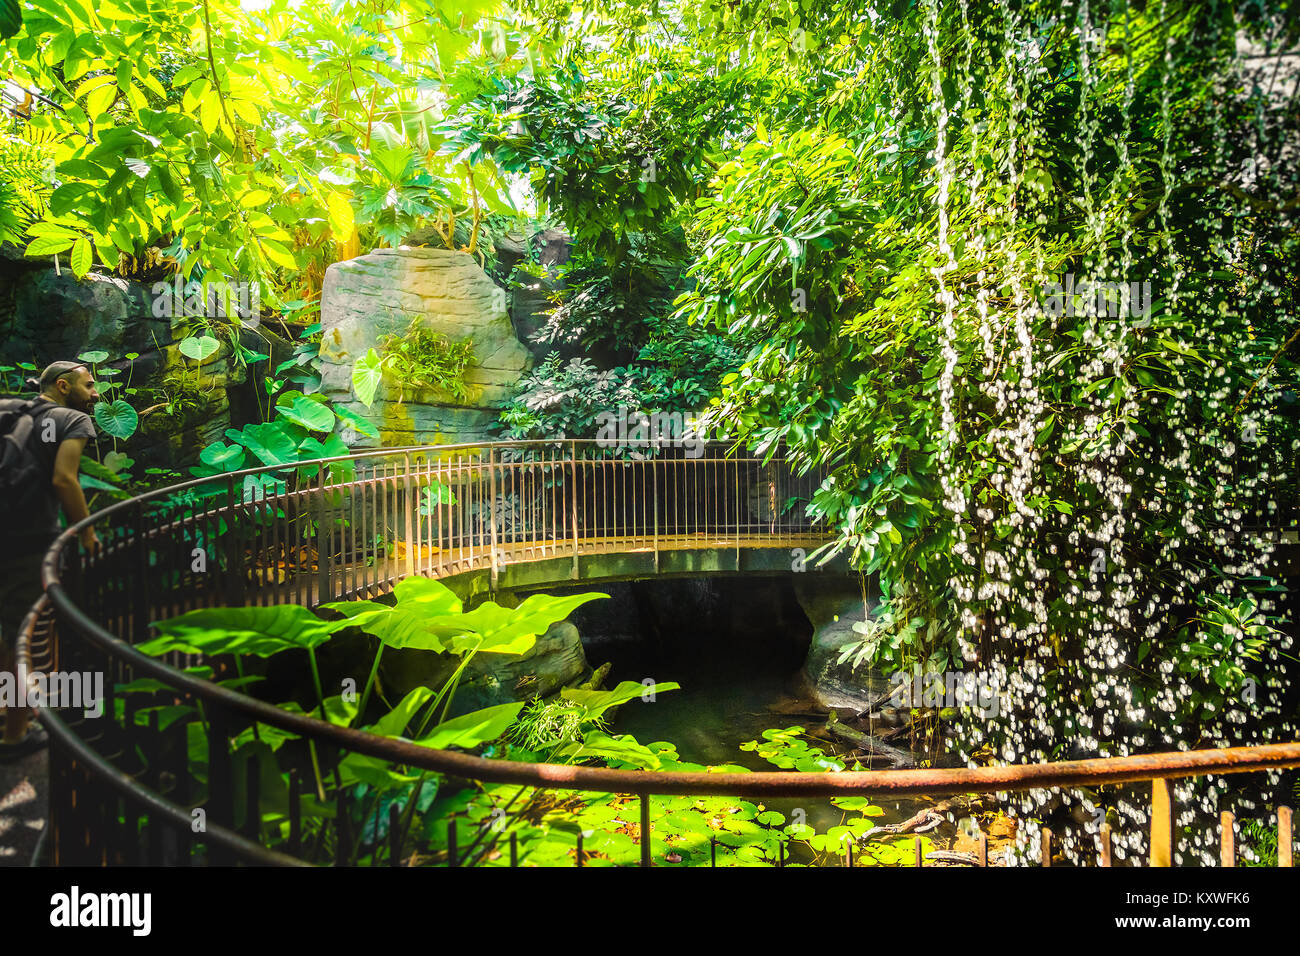 deep jungle walk waterfall adventurer man explorer artificial railing - Stock Image